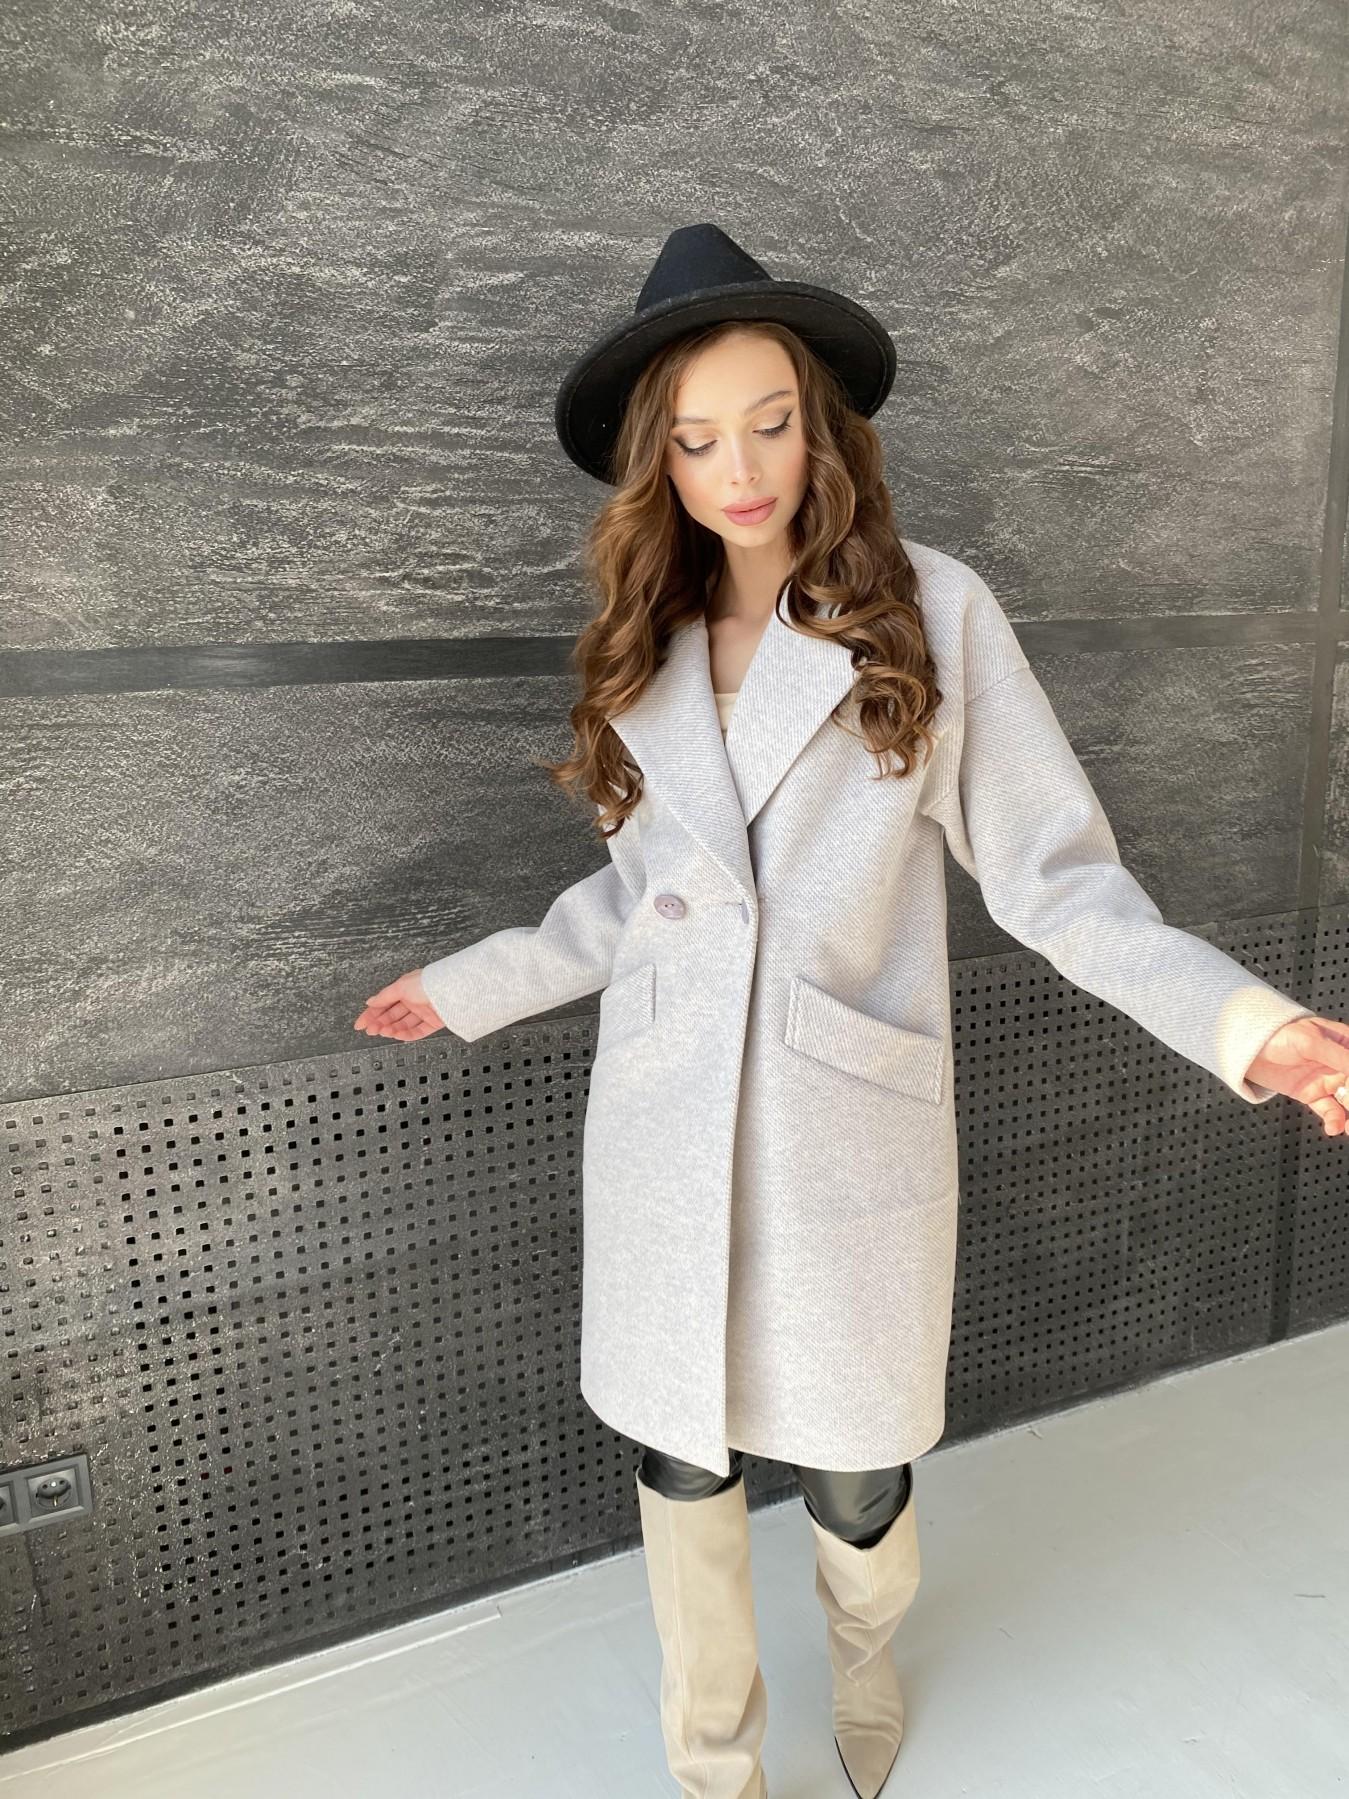 Сенсей Флеш пальто 10662 АРТ. 47187 Цвет: Бежевый 22 - фото 4, интернет магазин tm-modus.ru